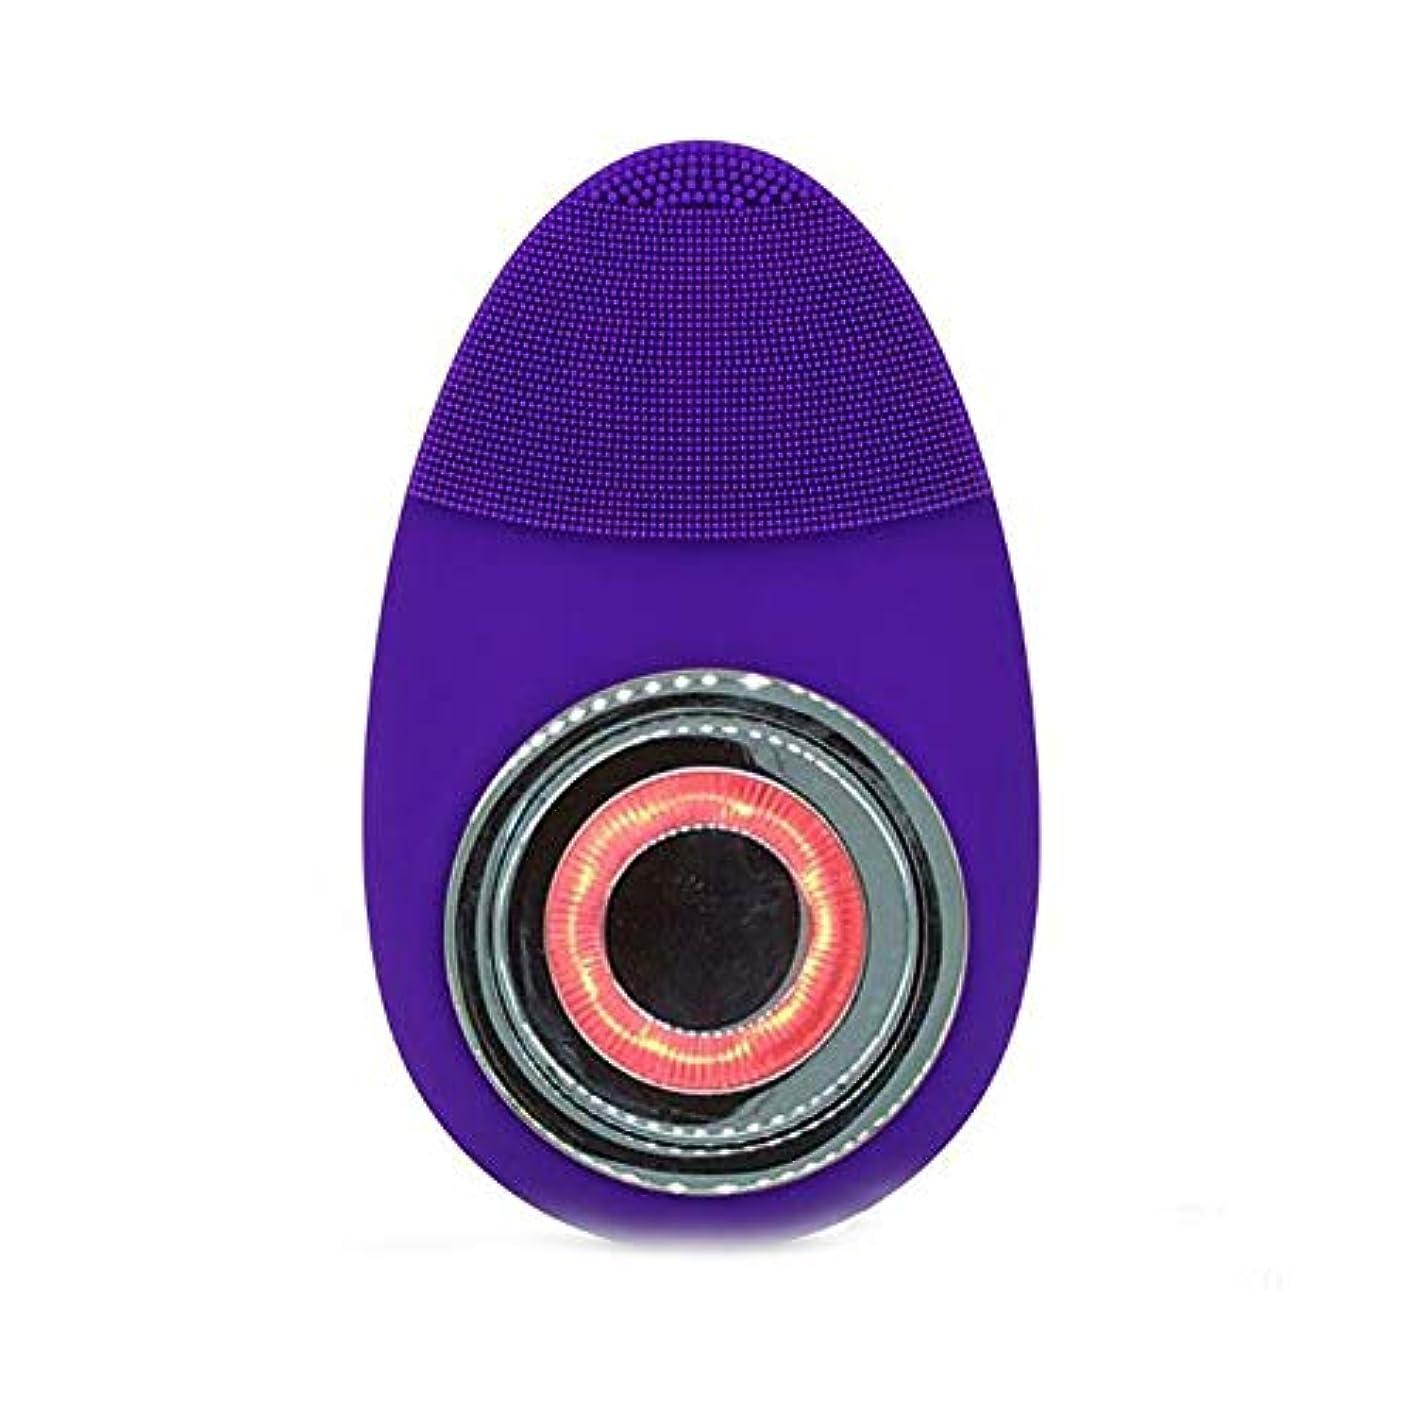 リーク銀概要電子美容機器赤光クレンジング楽器防水シリコーン超音波洗浄顔色若返りマッサージ器,Blue